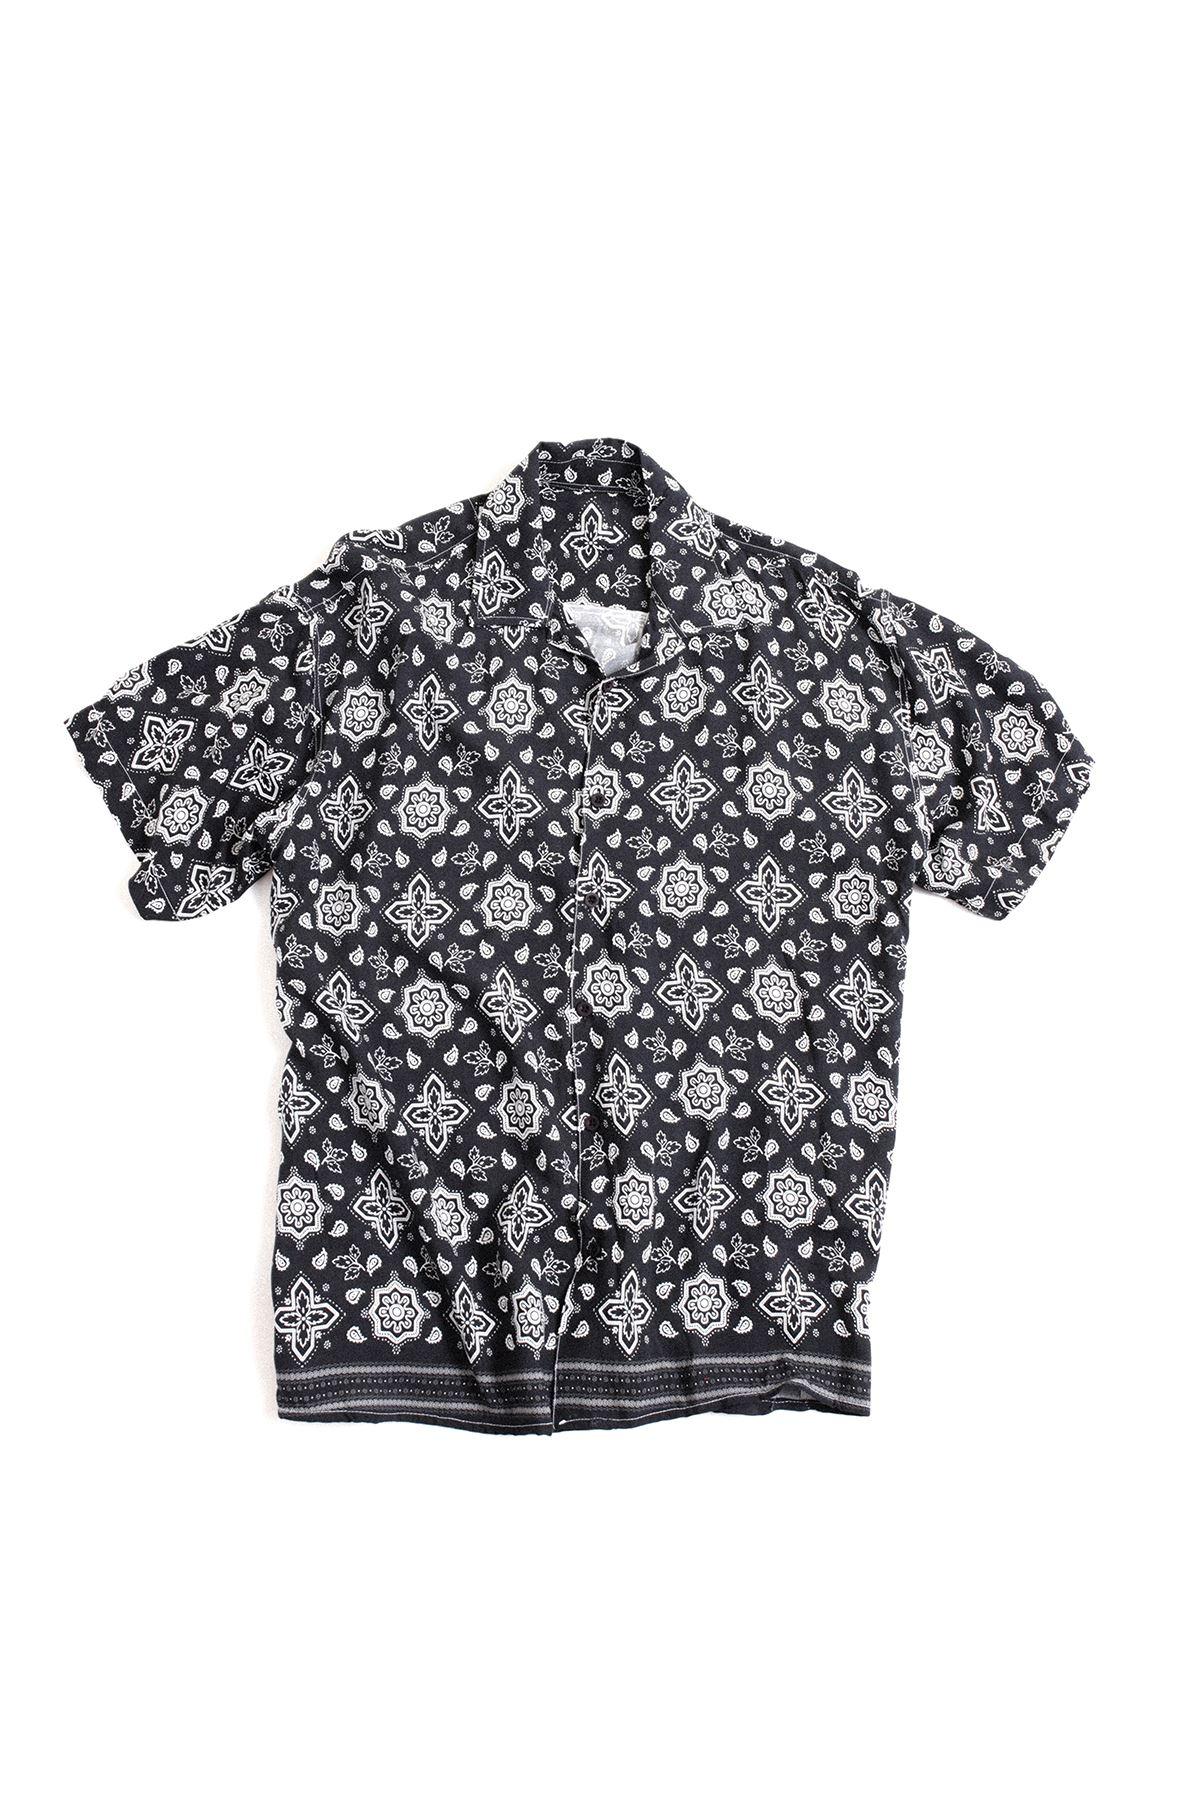 Siyah Transfer Baskılı Desenli Gömlek